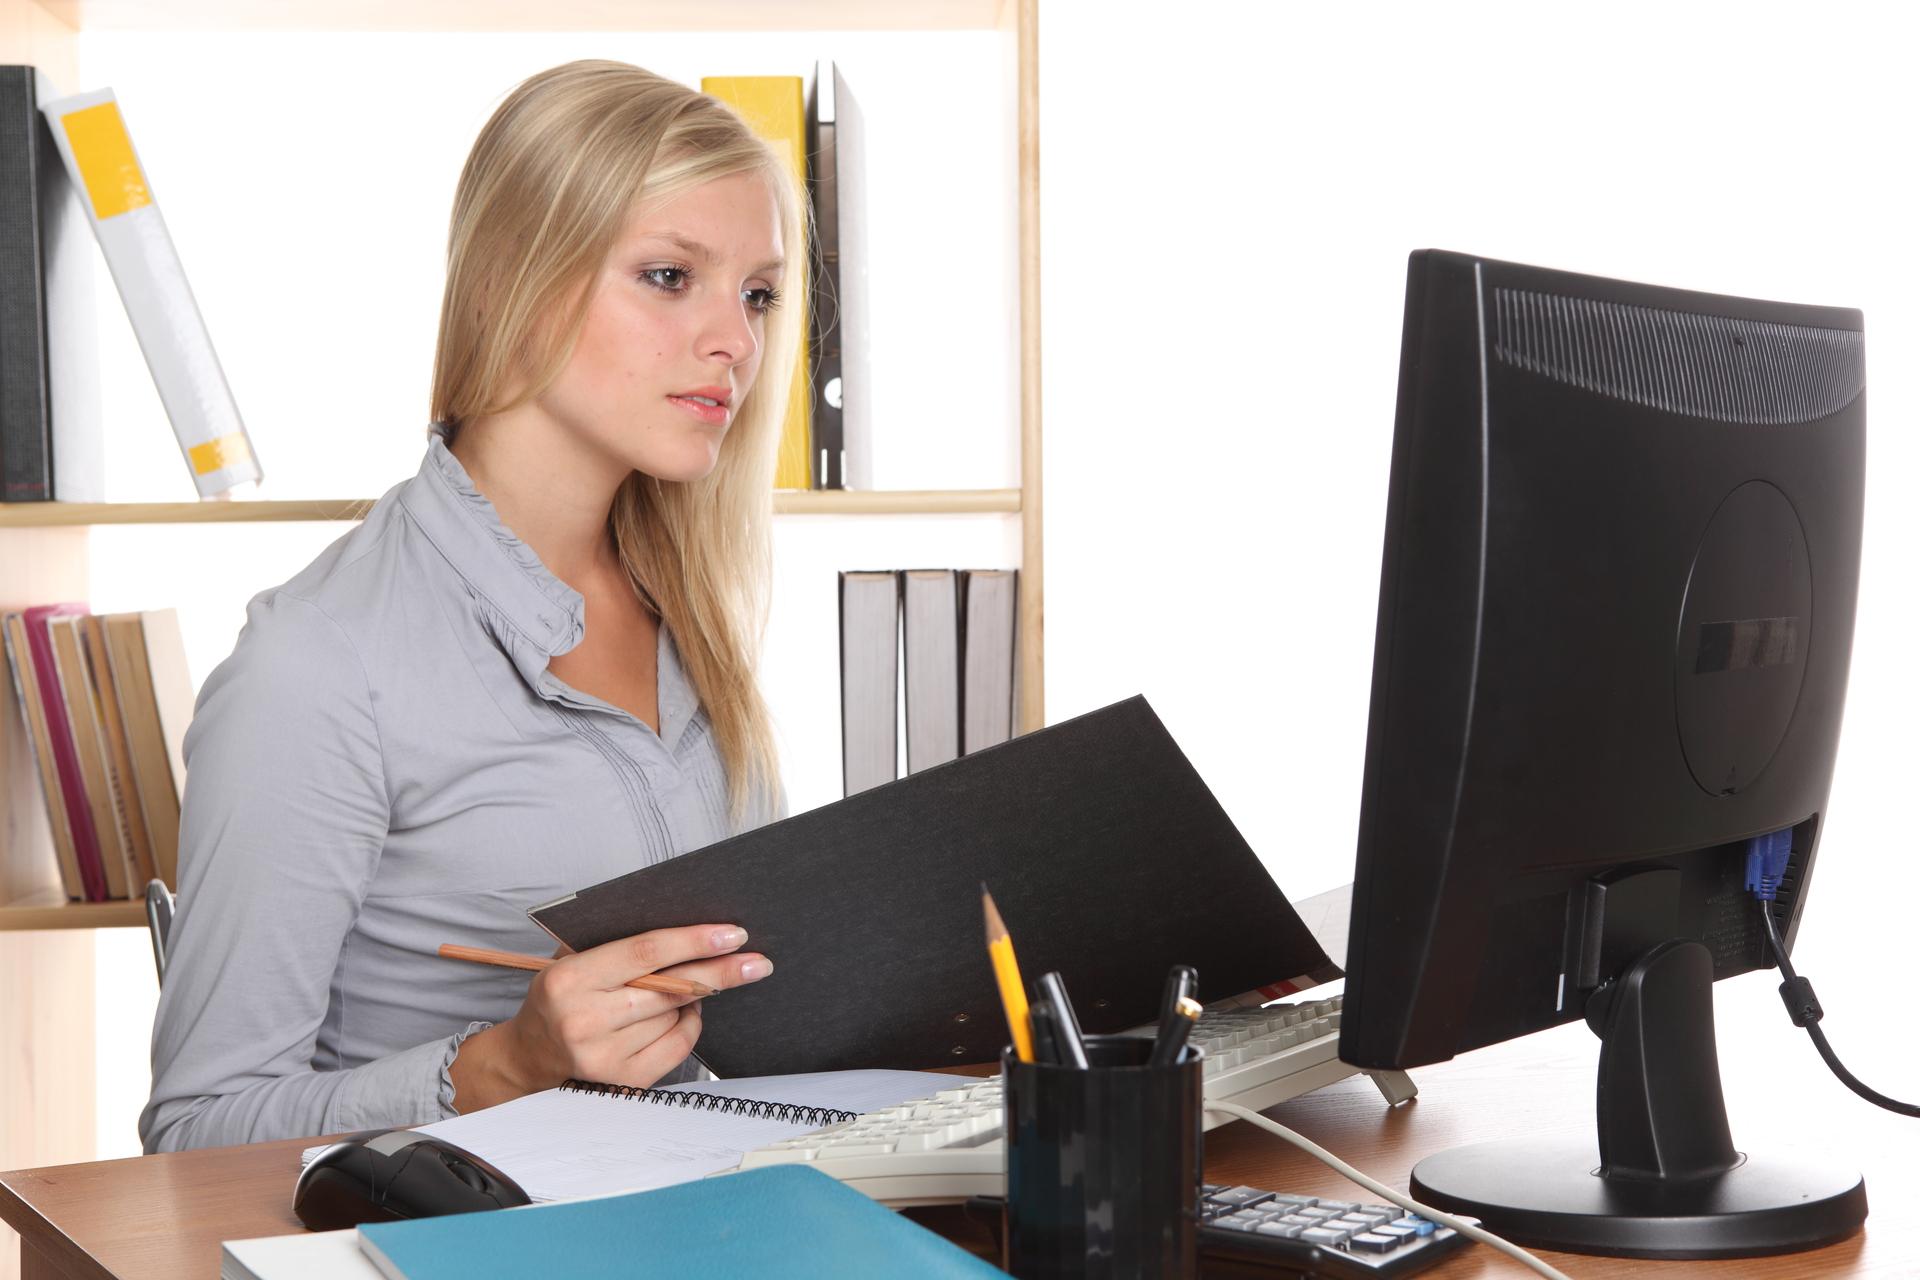 Картинка работы за компьютером